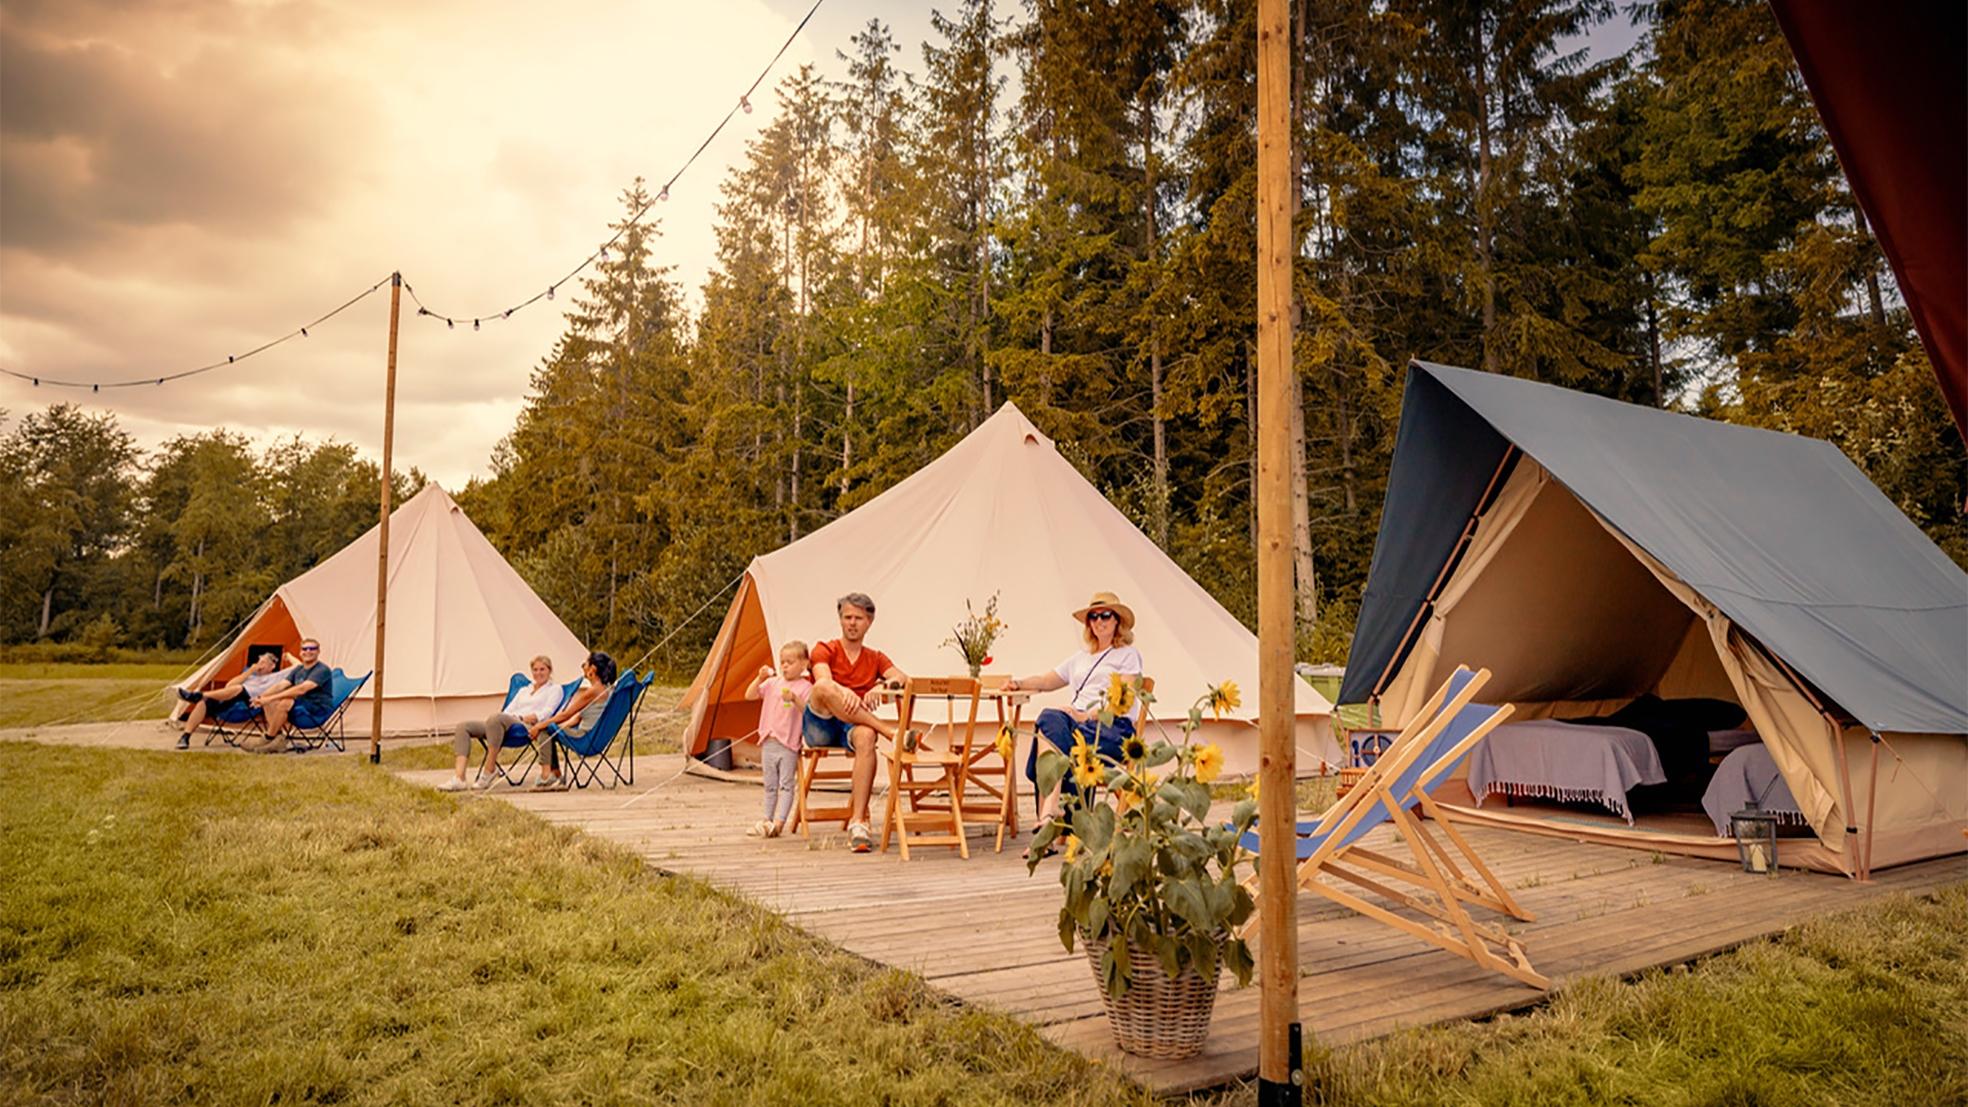 Tenten bedrijf LIFFIN camping